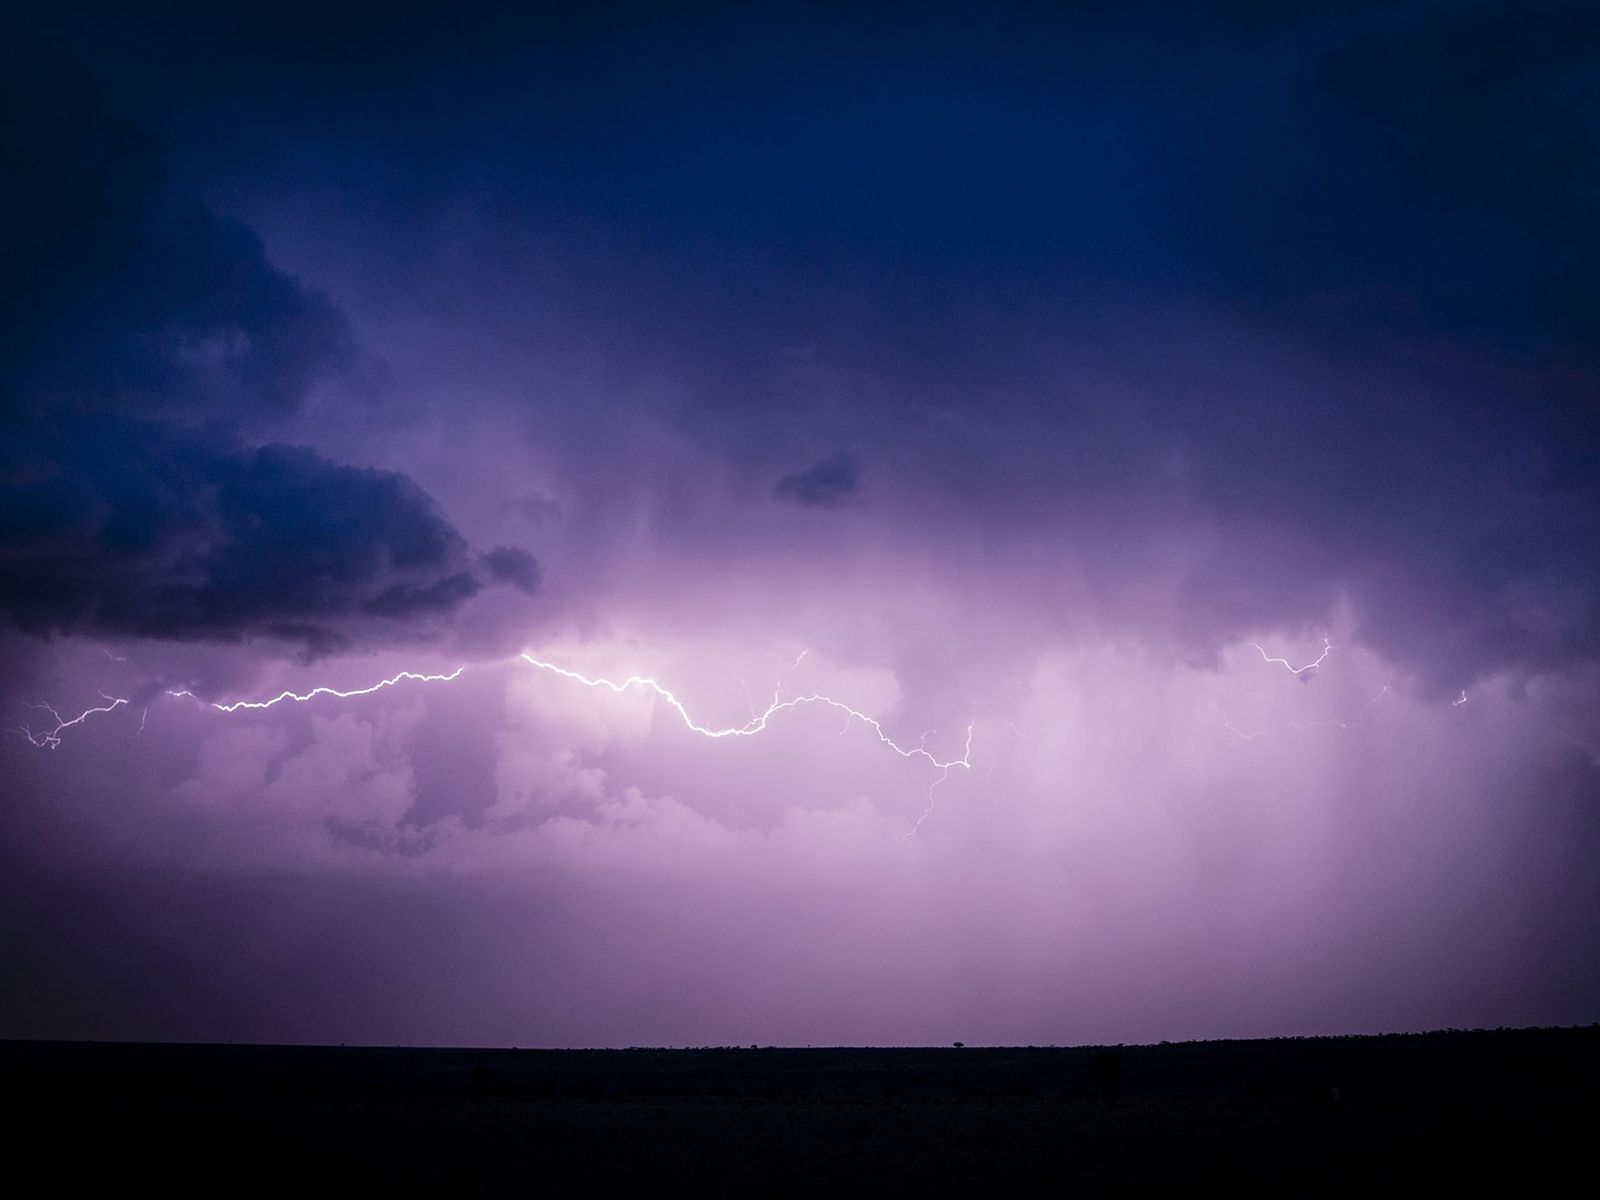 Ein Gewitter zieht nach Sonnenuntergang über das Land. Das Wetter hat den Lauf der menschlichen Geschichte ...